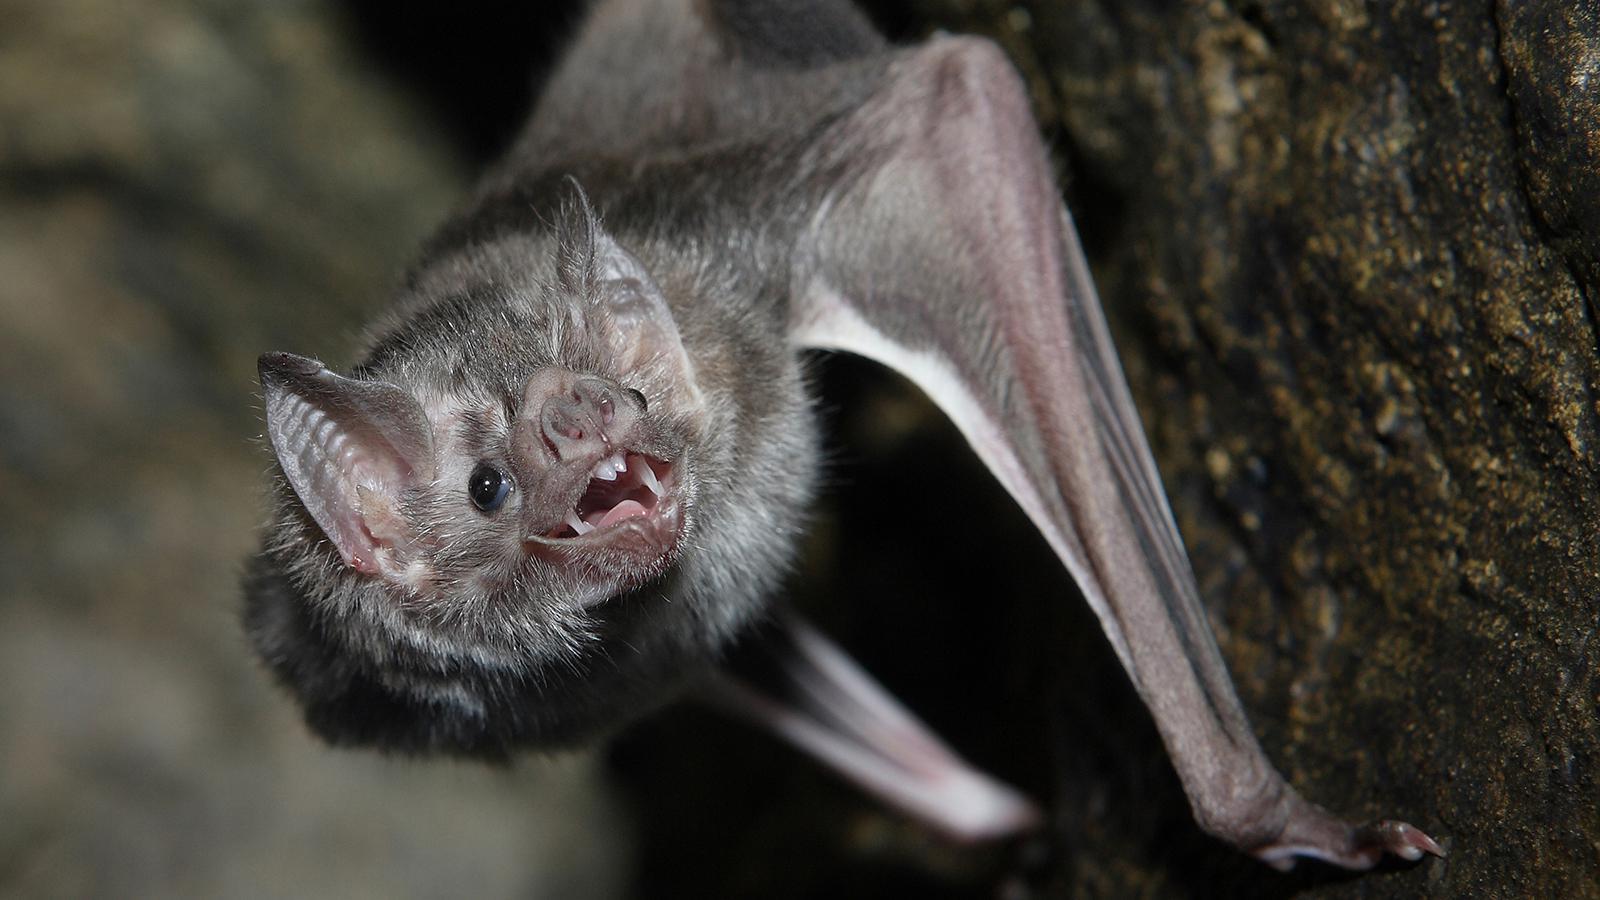 Ο εφιάλτης της νυχτερίδας – Από Κίνα, Φιλιππίνες ή Ινδία θα ξεκινήσει η νέα πανδημία